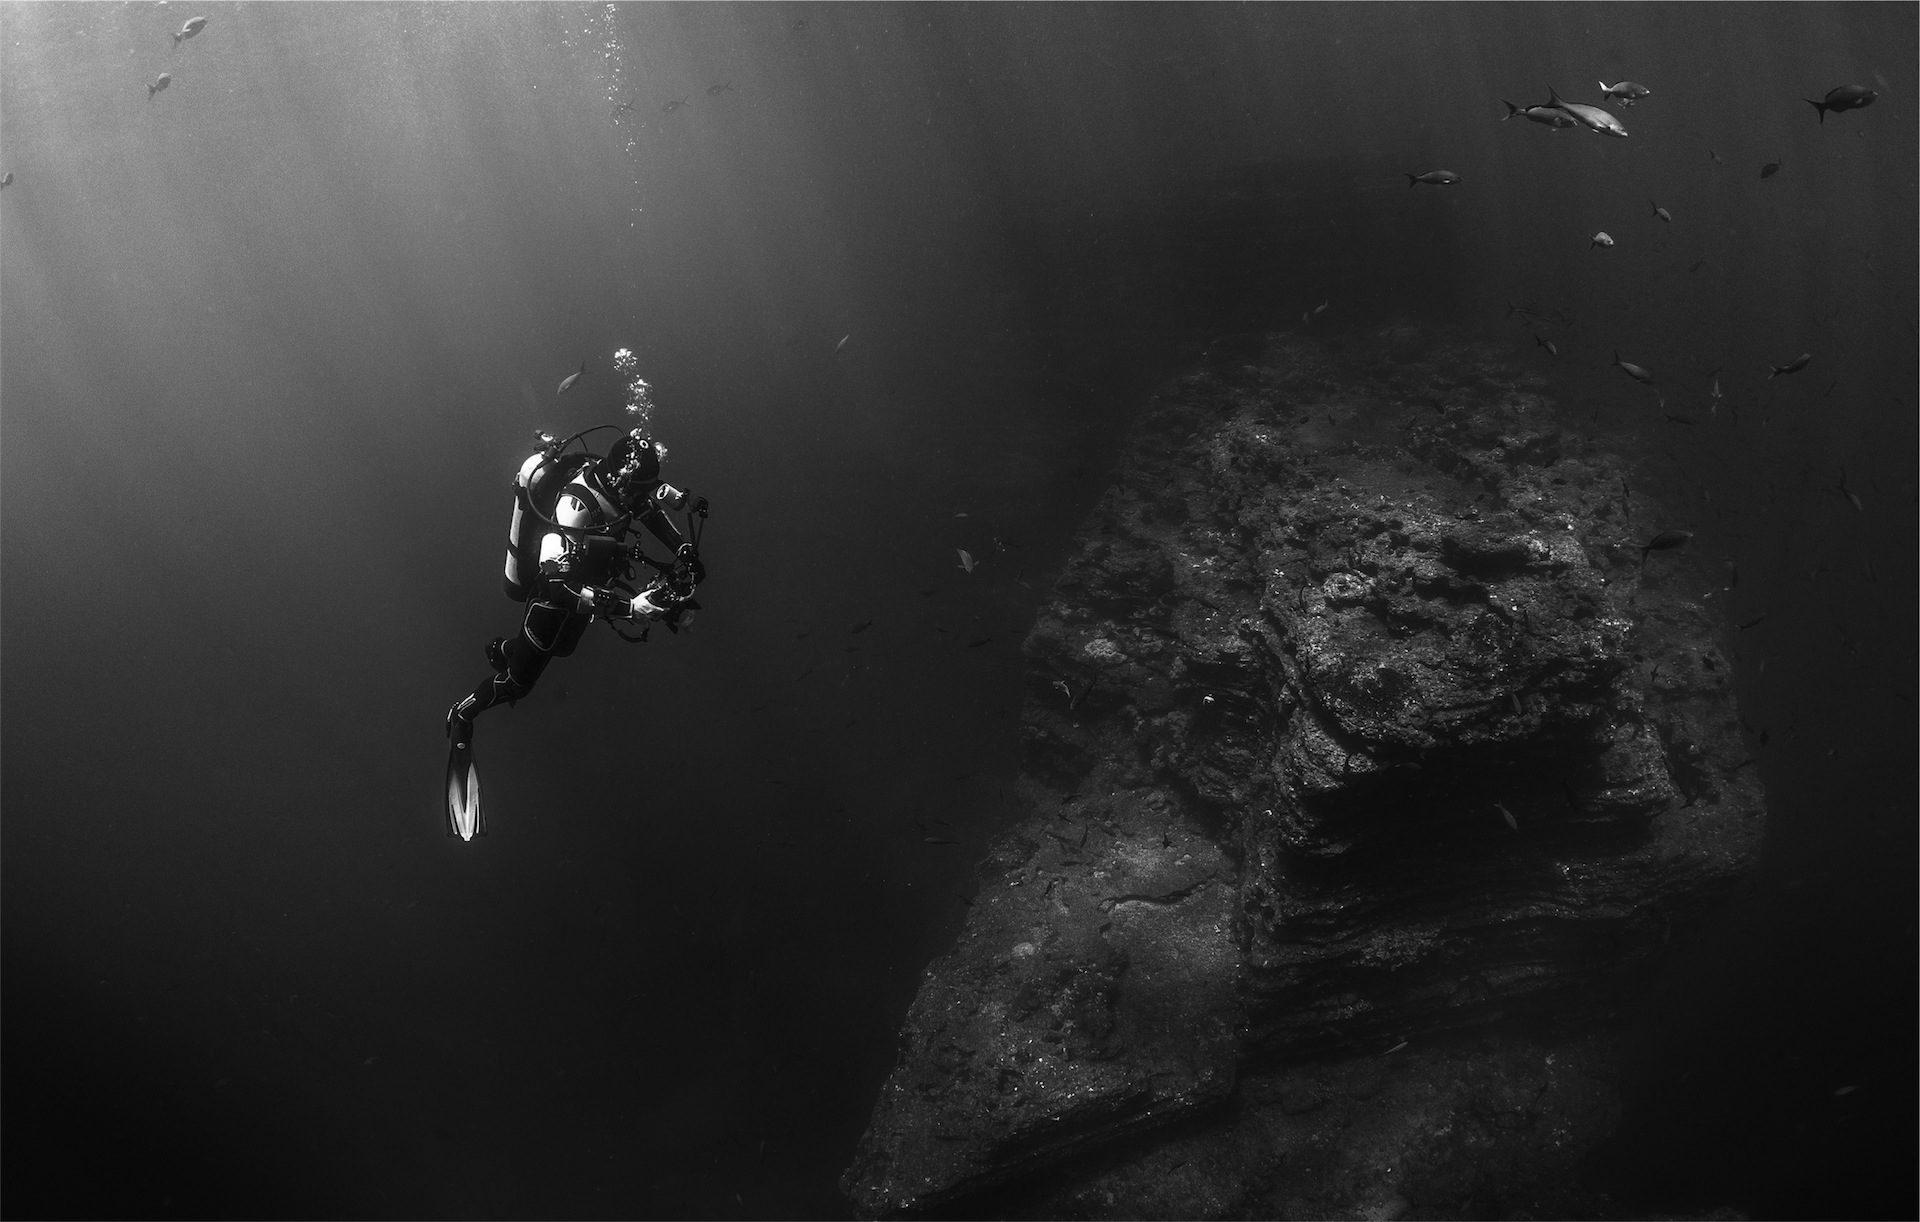 Operatore subacqueo, Roca, pesce, fauna, Marina, in bianco e nero - Sfondi HD - Professor-falken.com